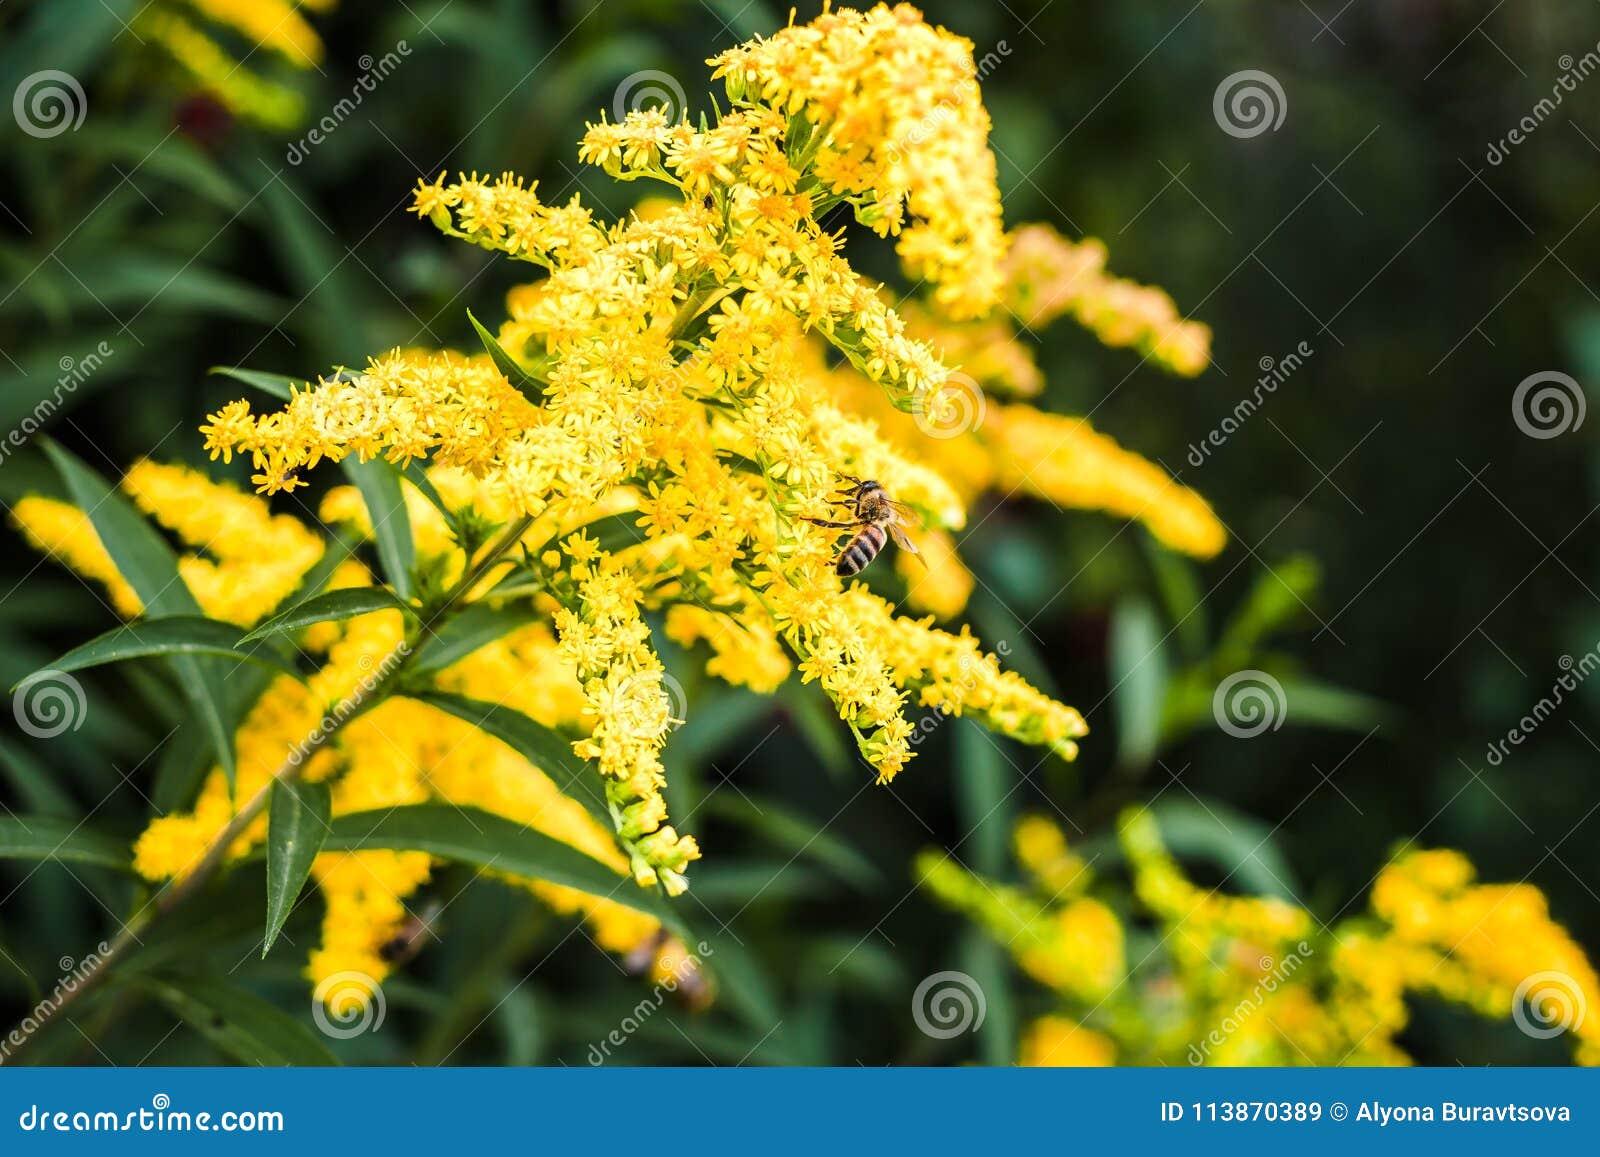 蜂收集在一个黄色含羞草的花蜜